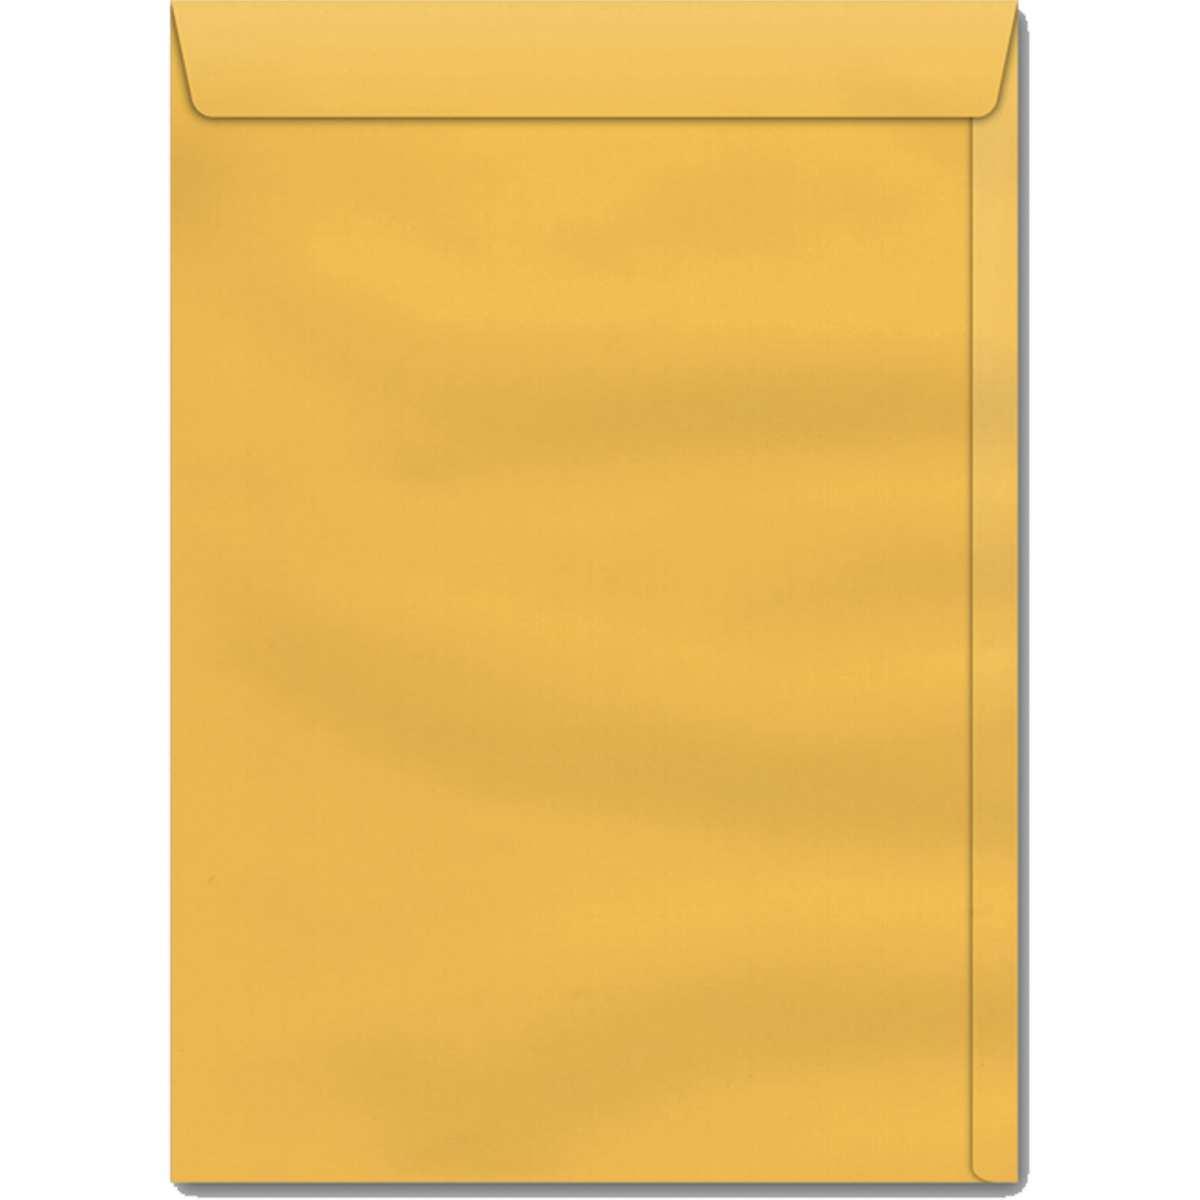 Envelope Saco Ouro 176X250 80GRS. KO 25 (7898563360685)